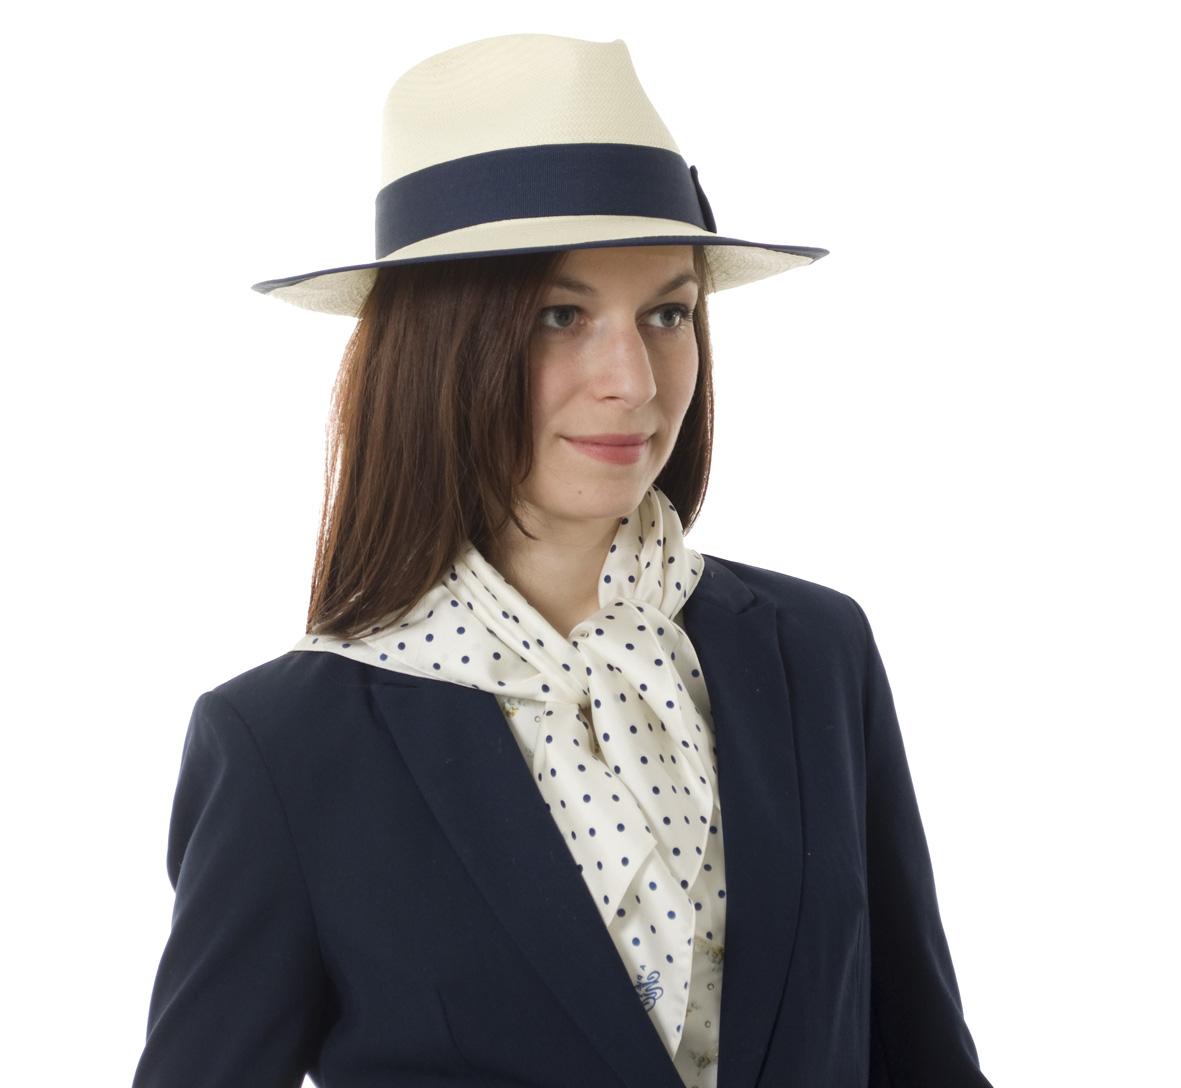 Šátky s puntíkovým vzorkem patří mezi oblíbené módní doplňky. Nejen mezi  ženami 536f6de181